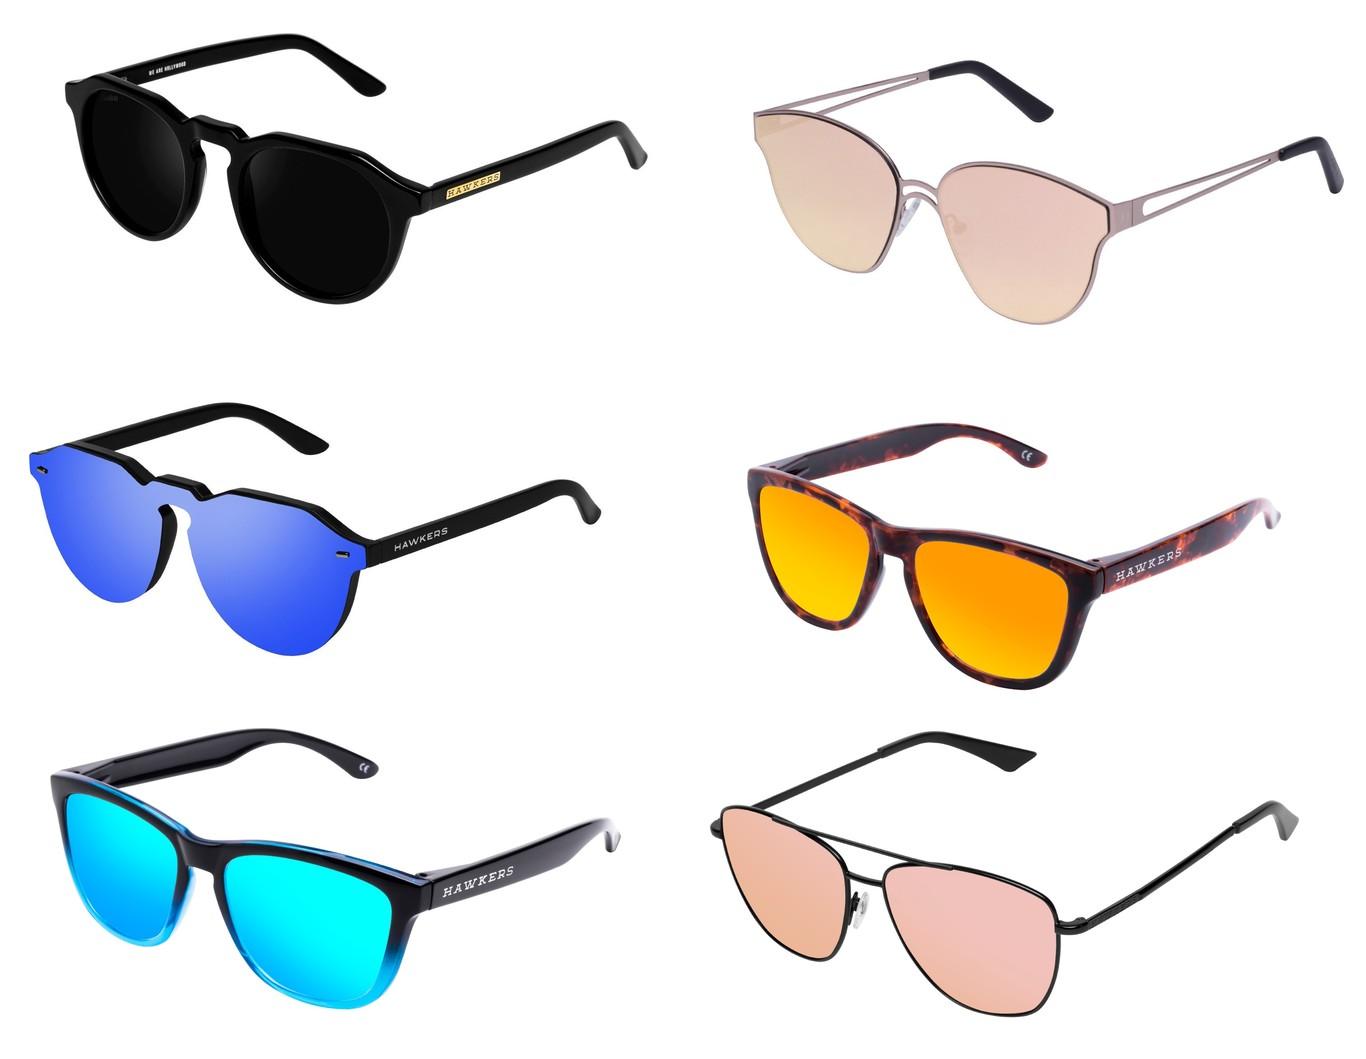 a7345ed0ef Vuelve el 2x1 en las gafas Hawkers, compras unas y te llevas otras por la  cara